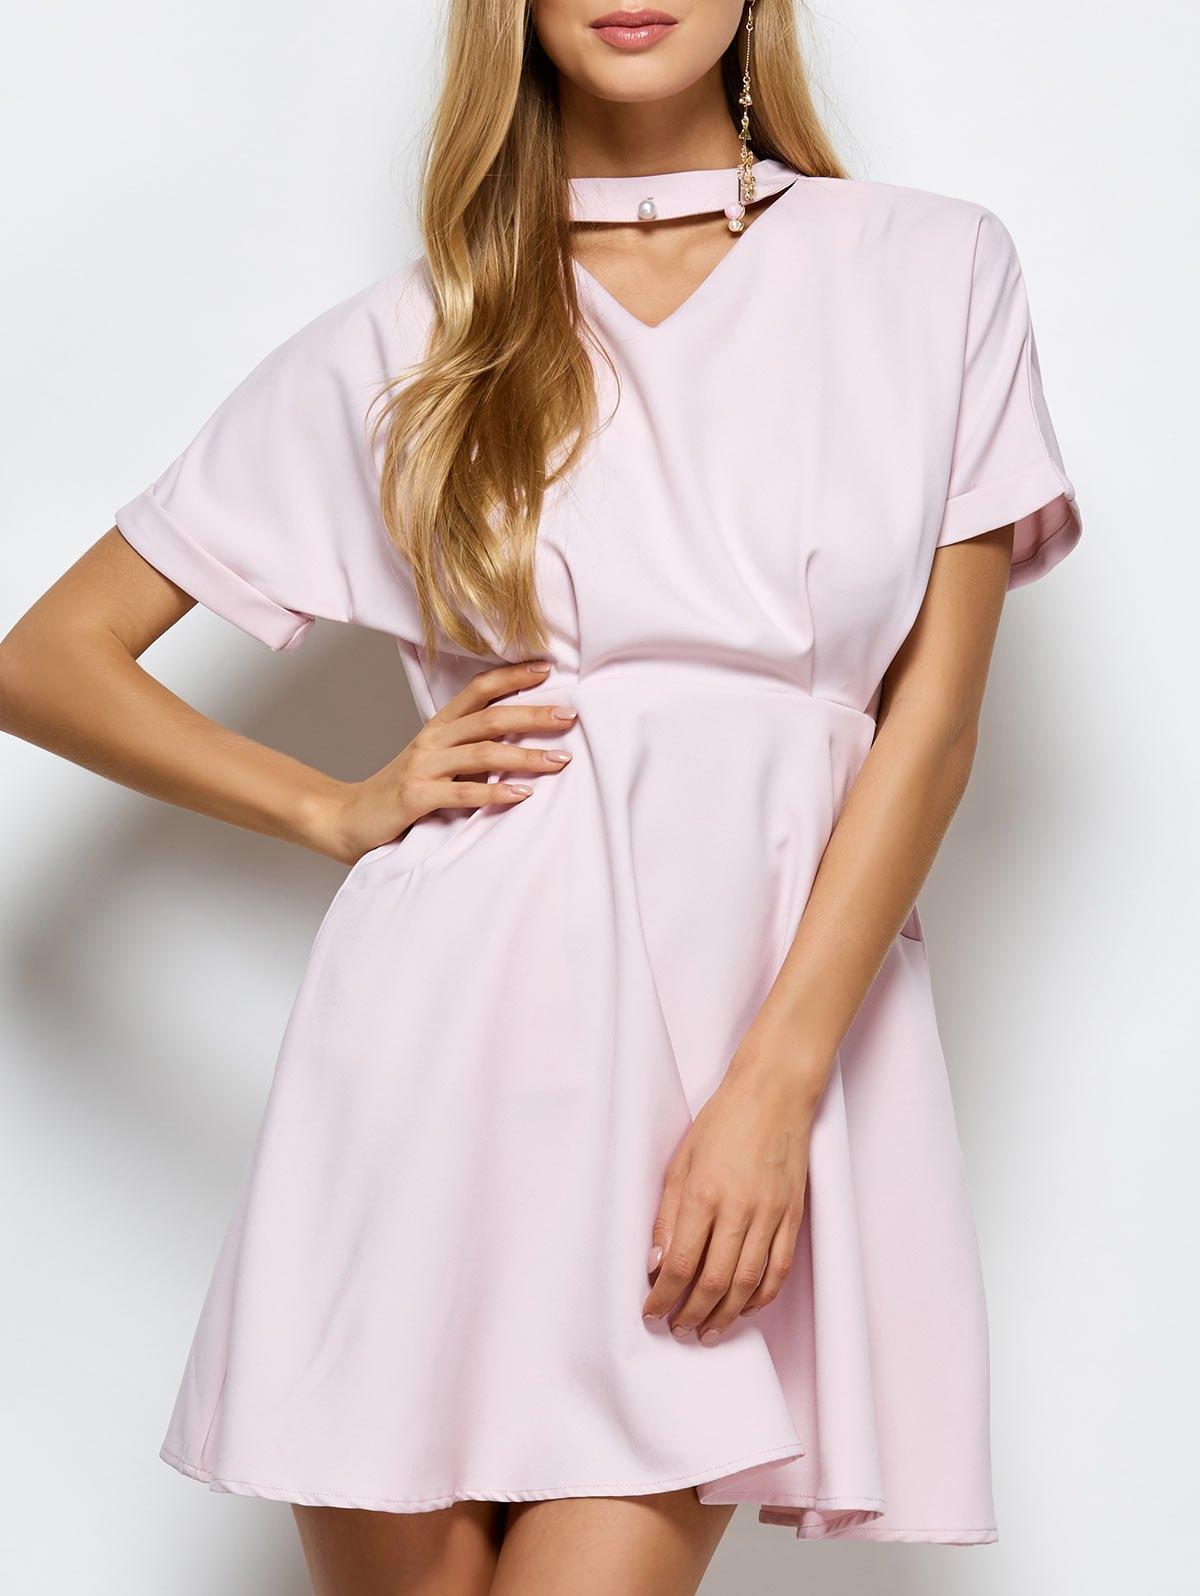 Short Sleeve A Line Choker Dress